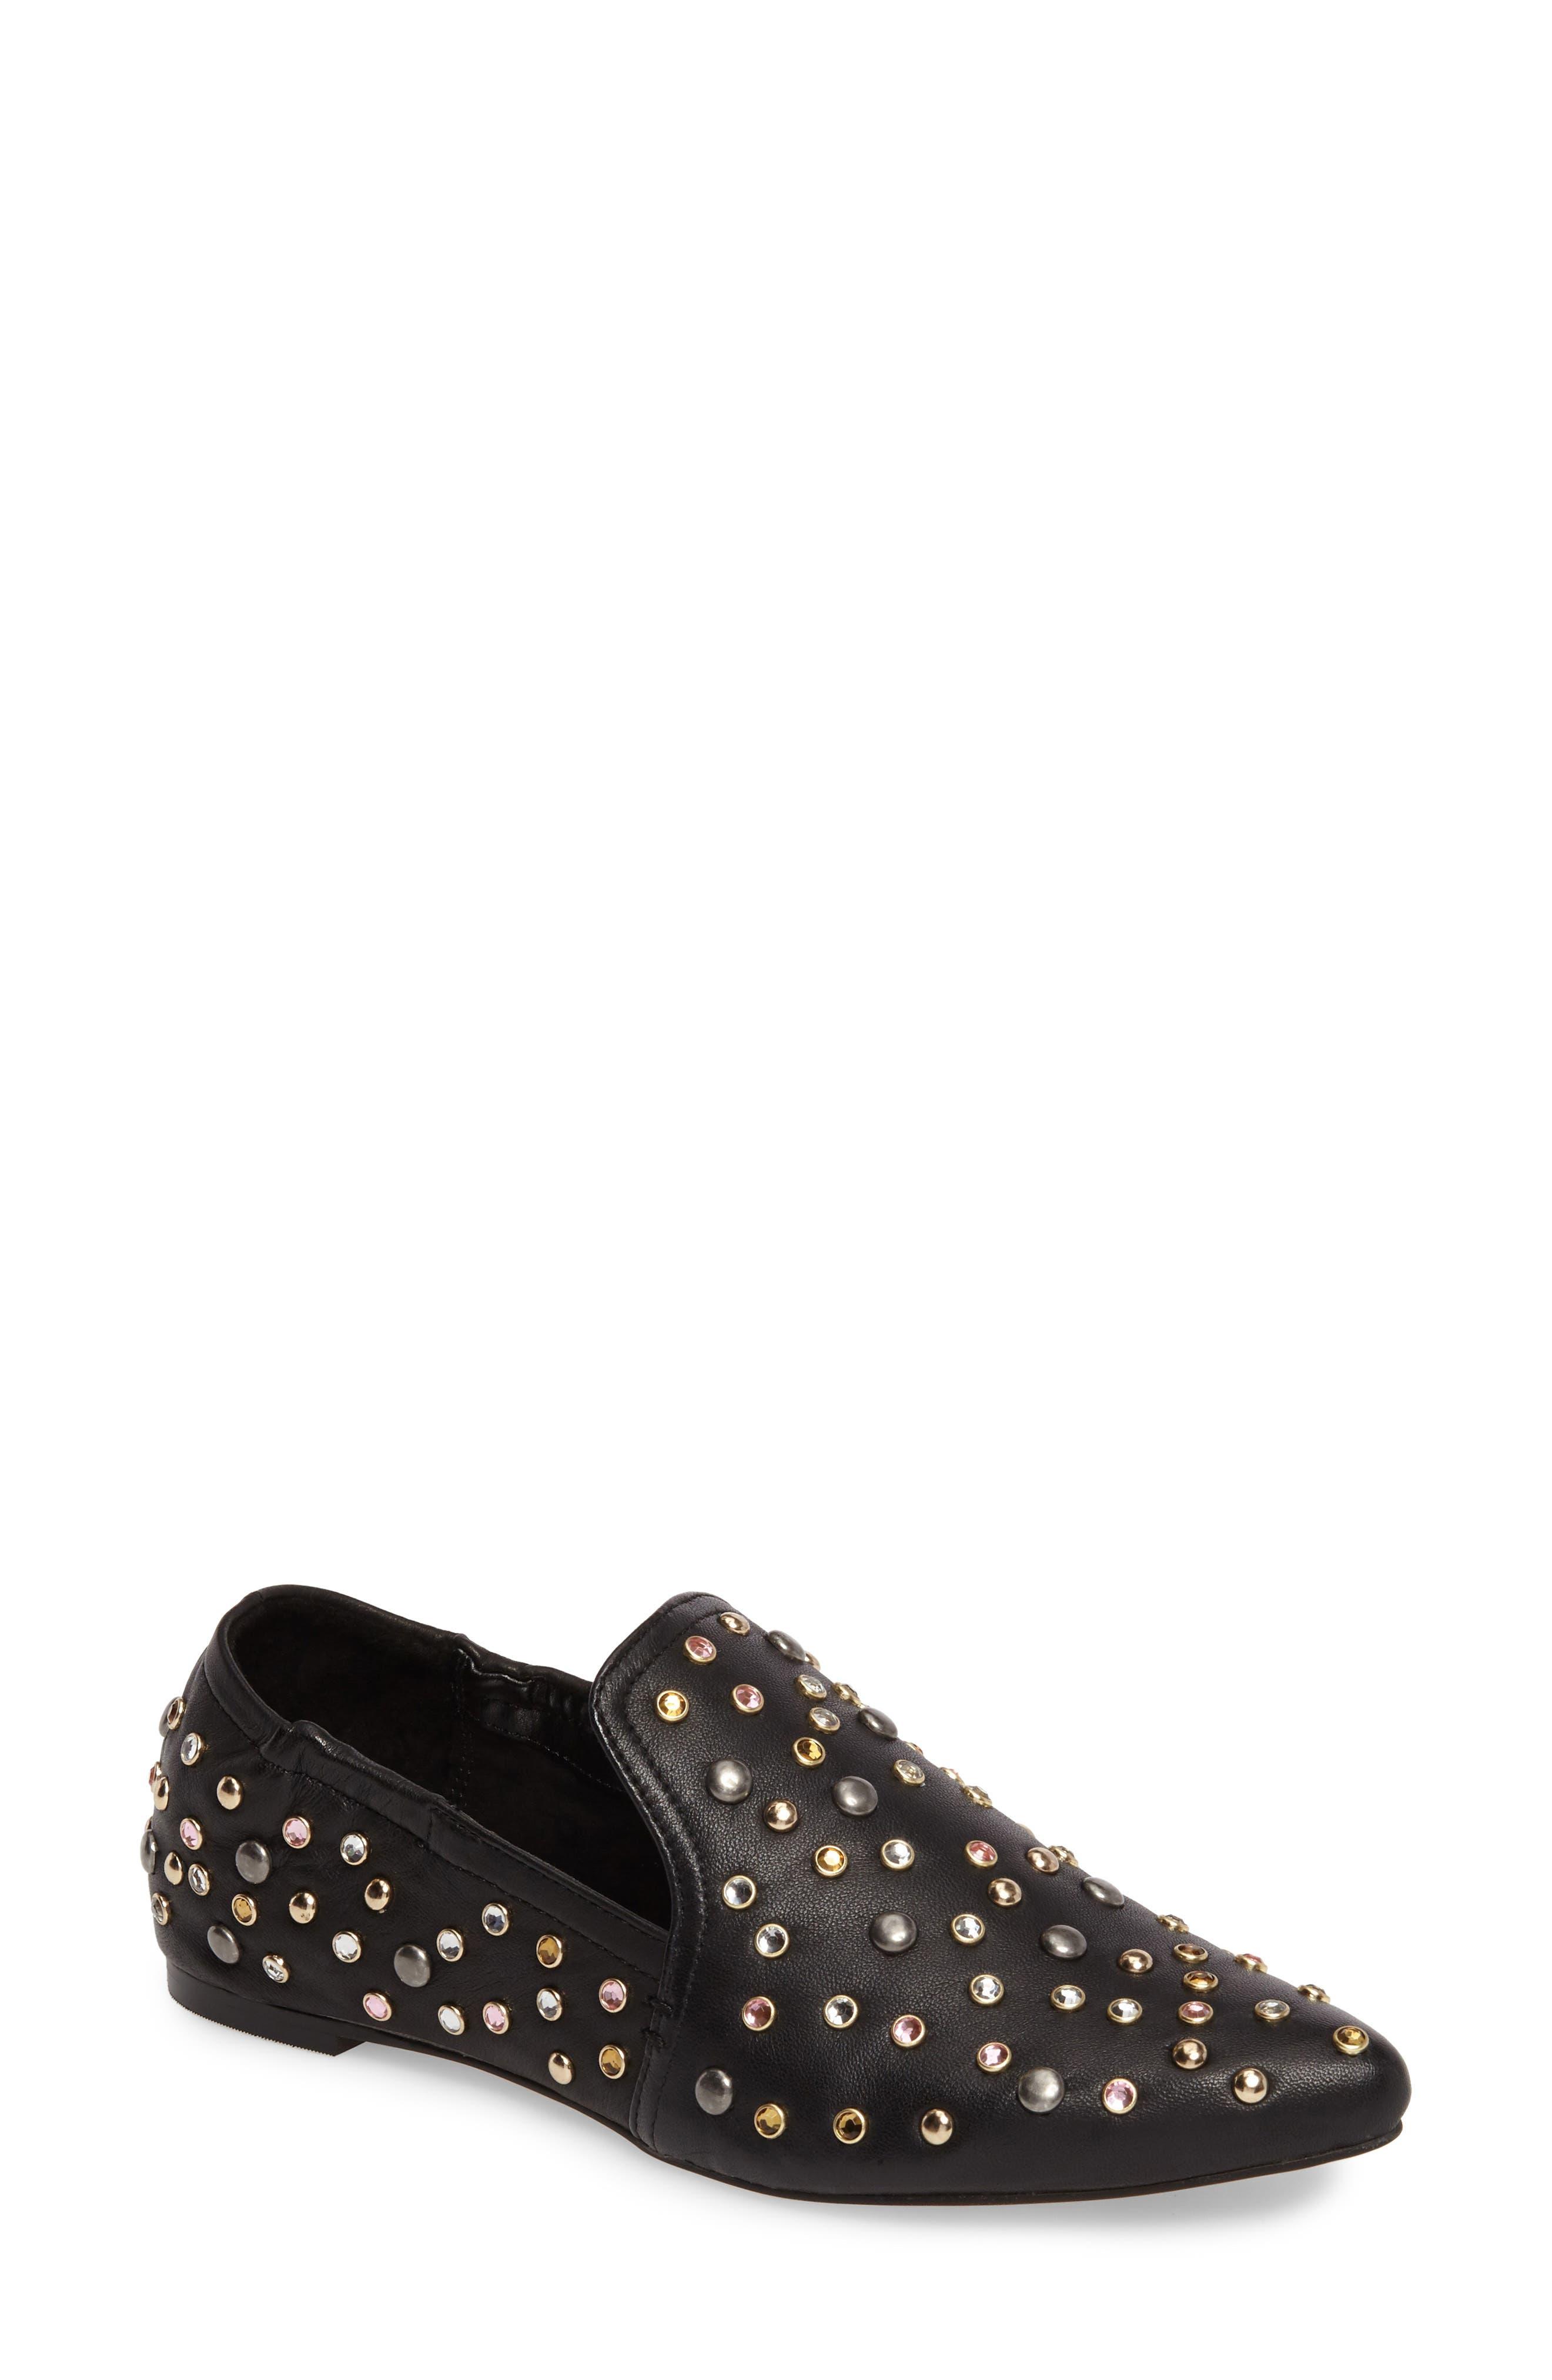 Dolce Vita Hamond Stud Embellished Loafer Flat (Women)